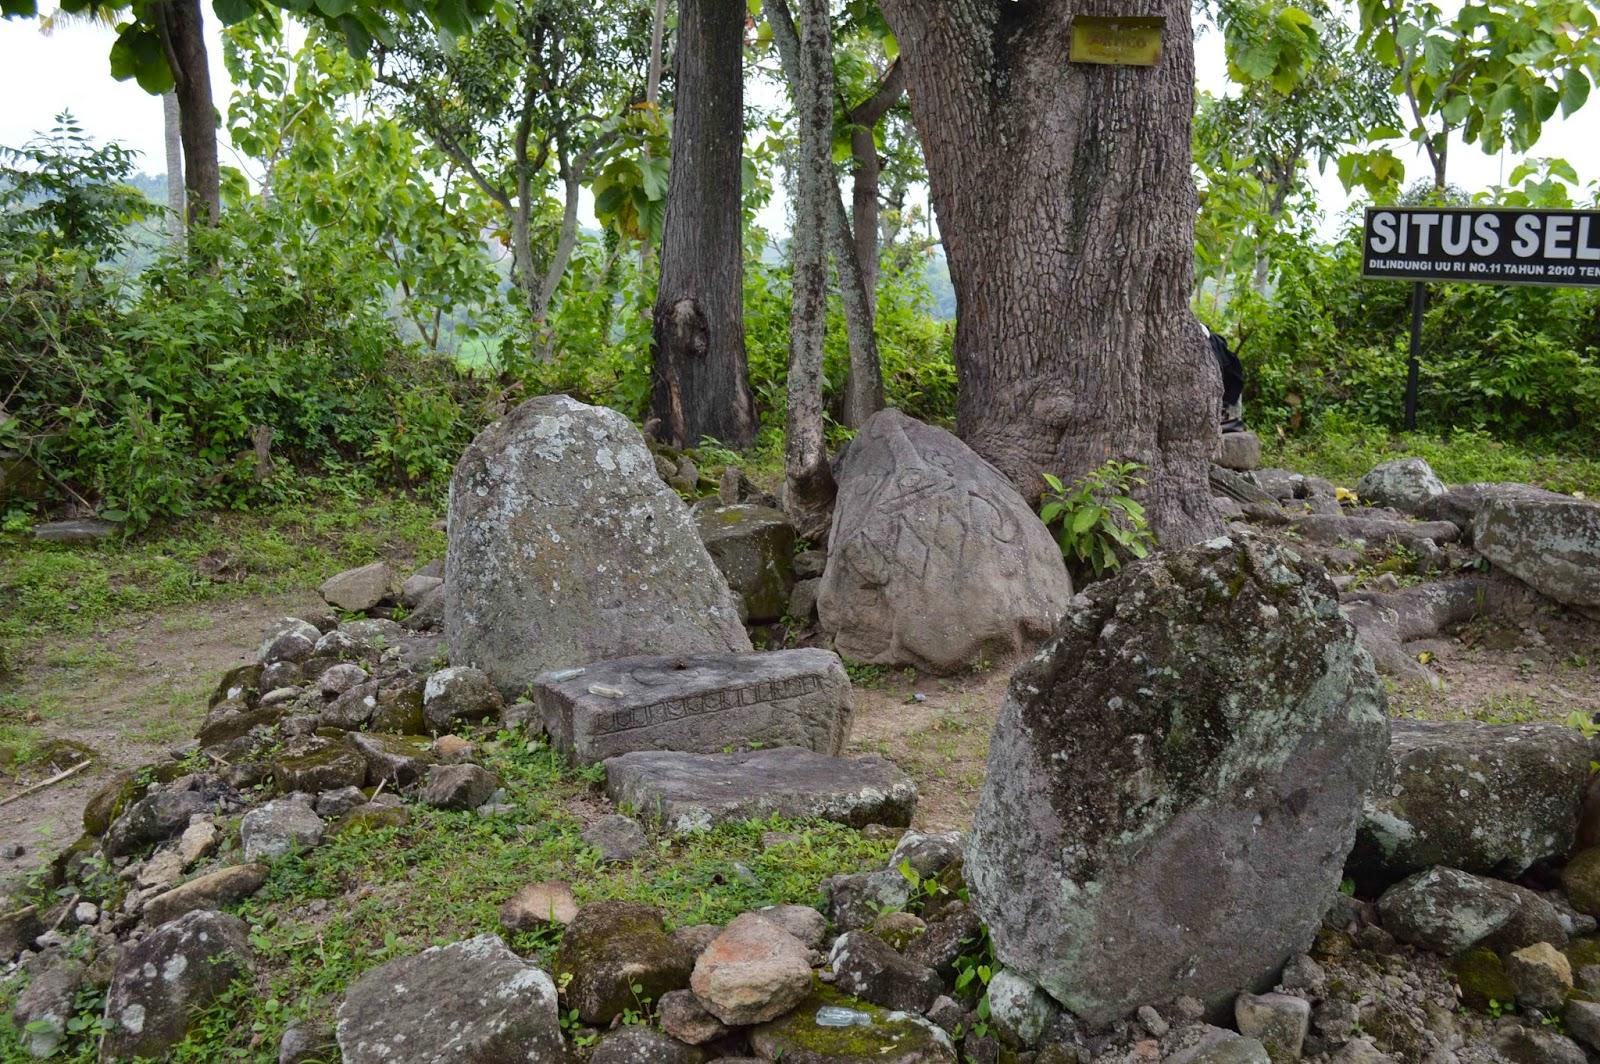 Situs Megalitikum Selodiri Desa Terjan Rembang Idsejarah Net Sejarah Kota